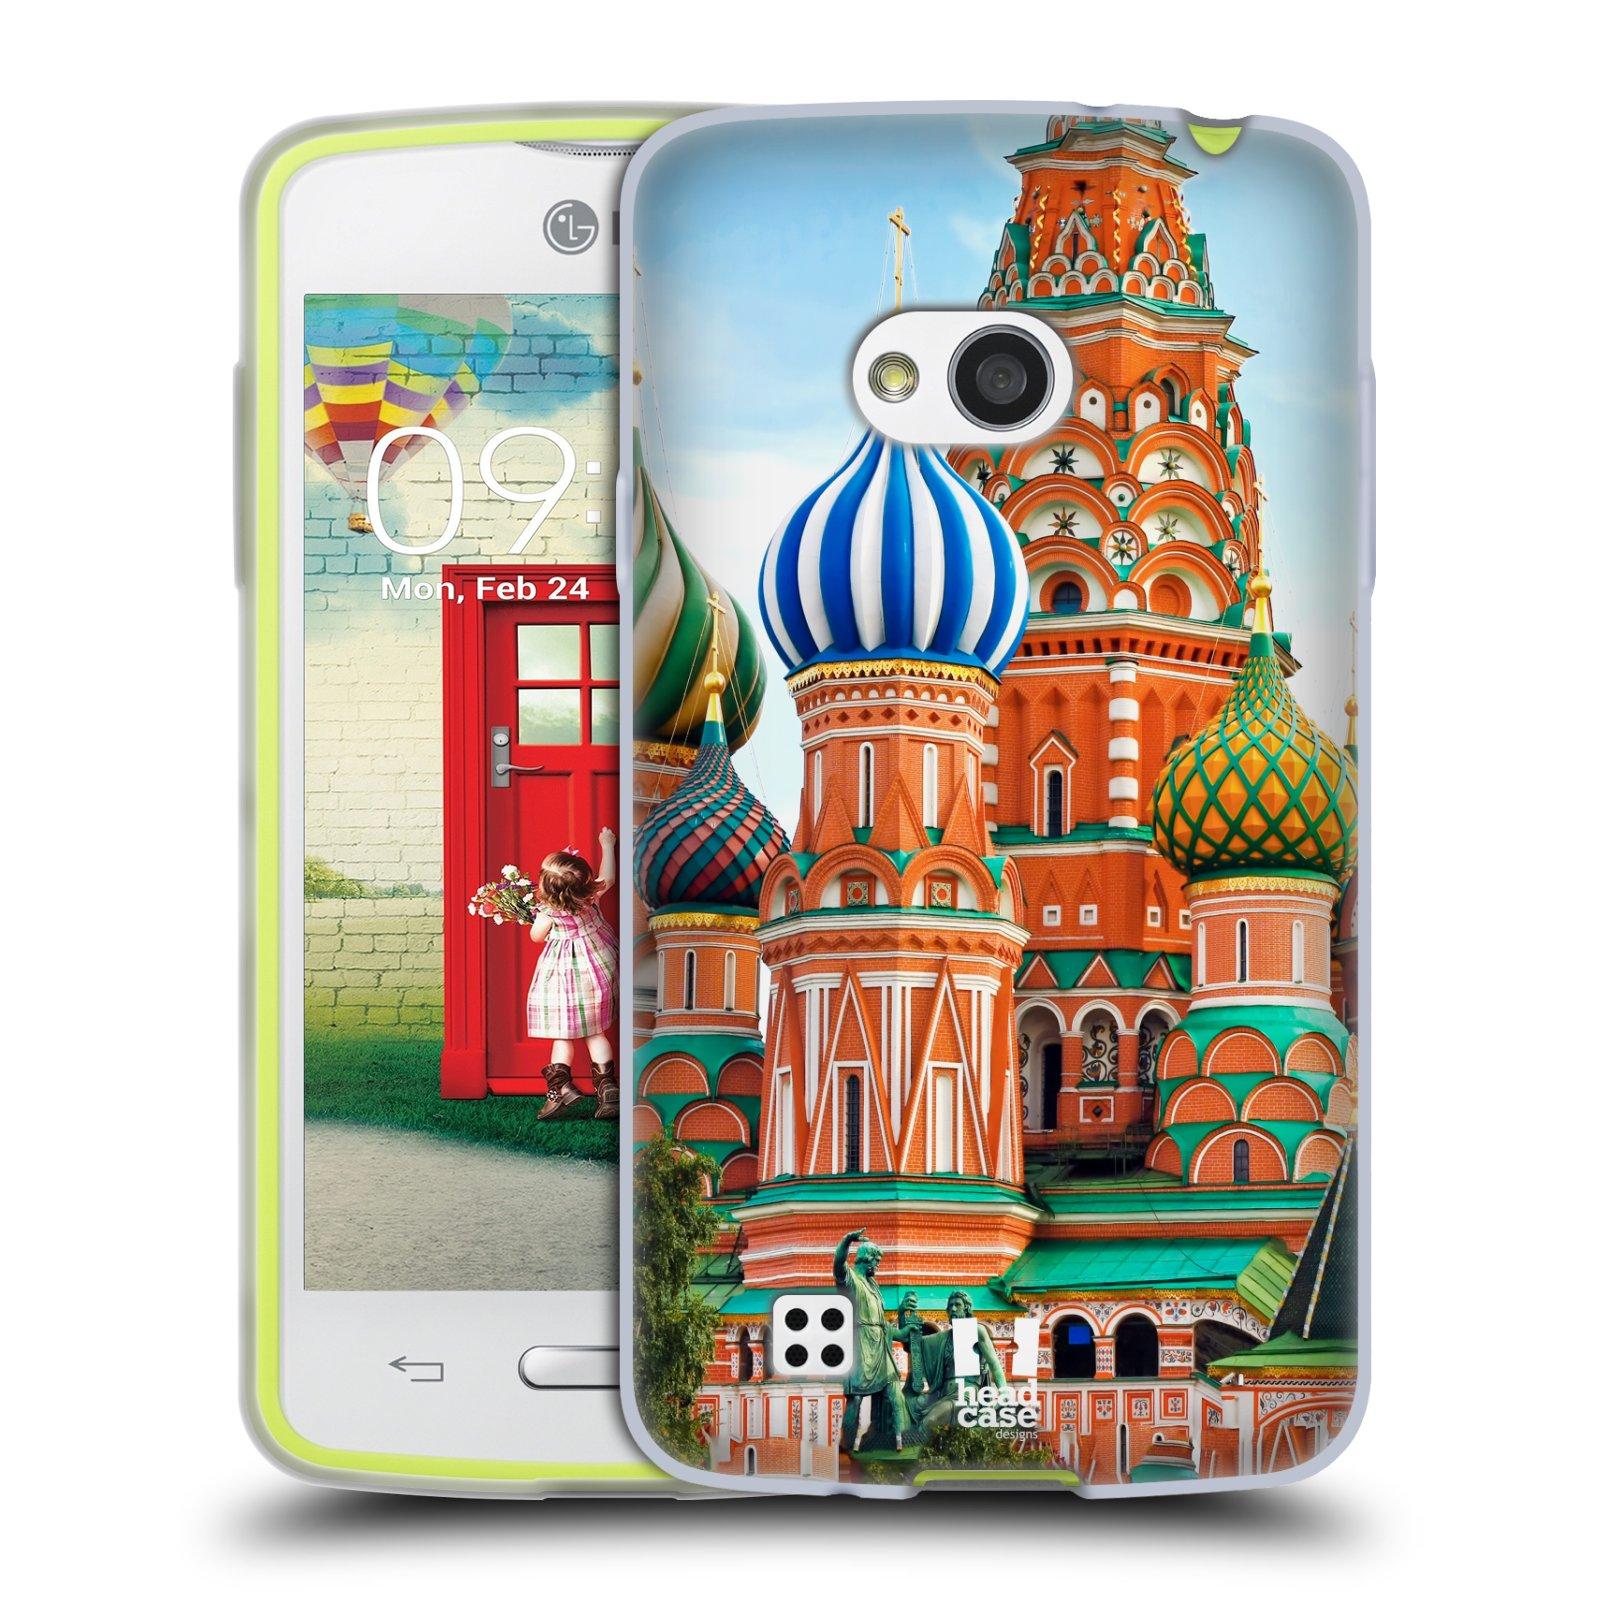 HEAD CASE silikonový obal na mobil LG L50 vzor Města foto náměstí RUSKO,MOSKVA, RUDÉ NÁMĚSTÍ